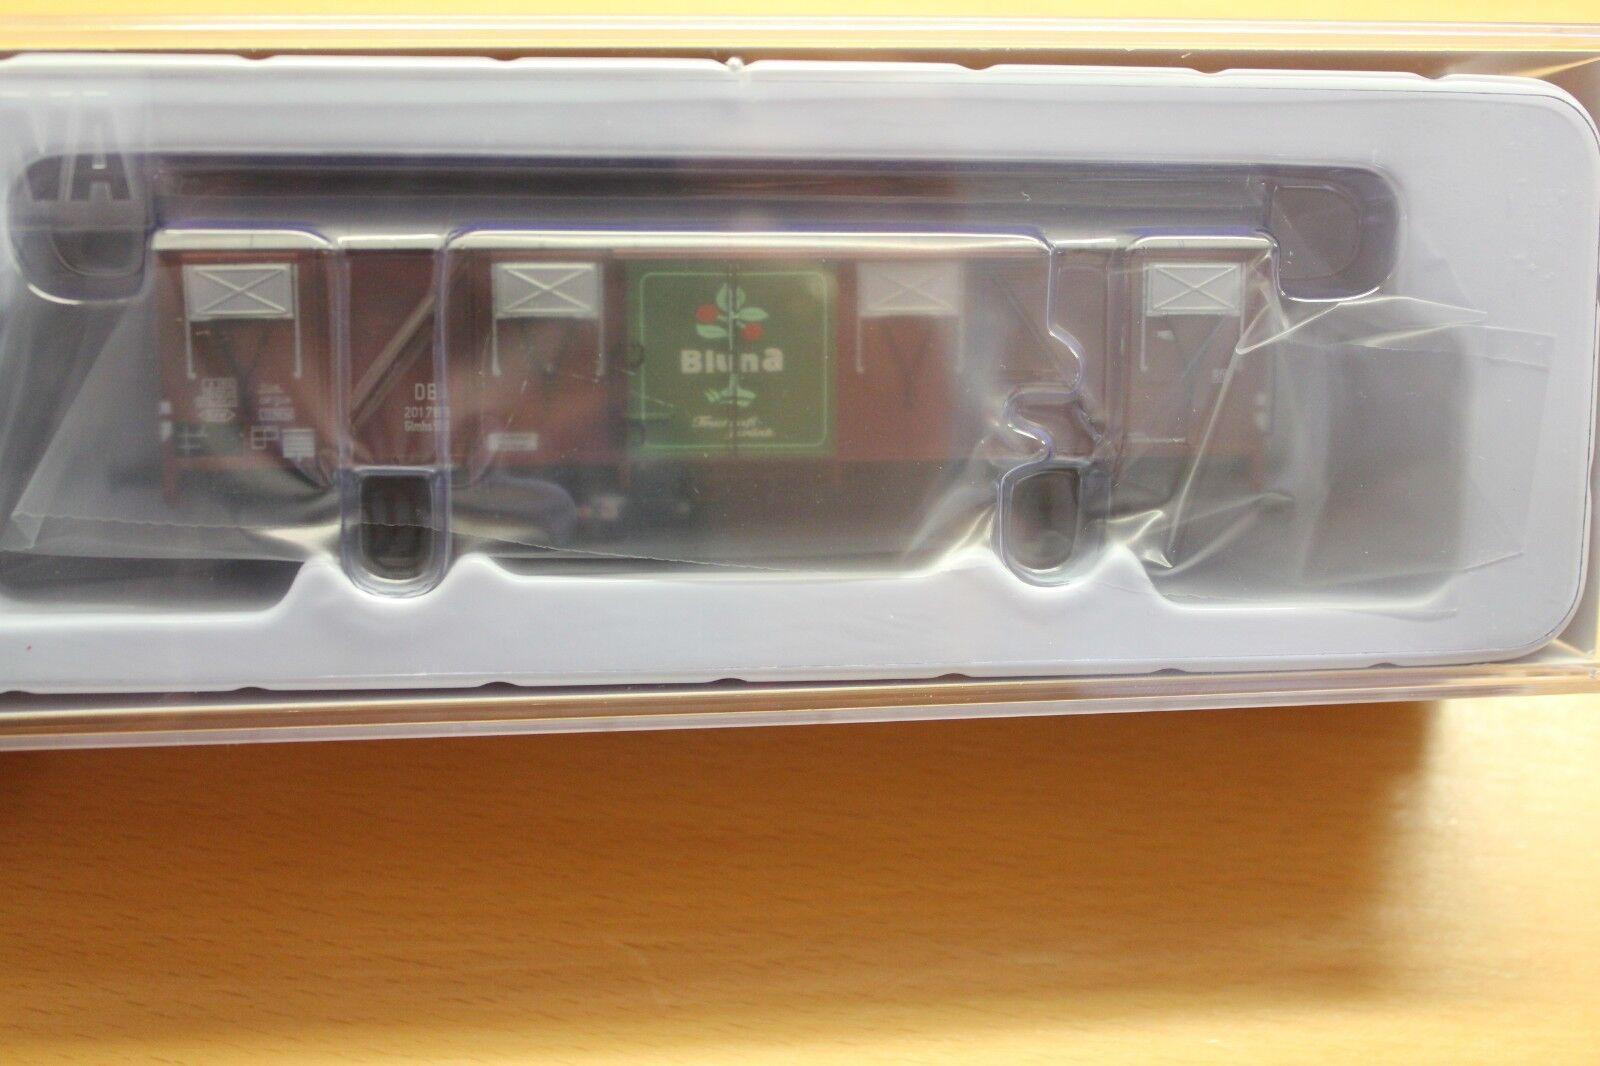 Brawa H0 Güterwagen  Glmhs 50 DB III Blauna    - 47273 -  Neu  OVP    Billiger als der Preis